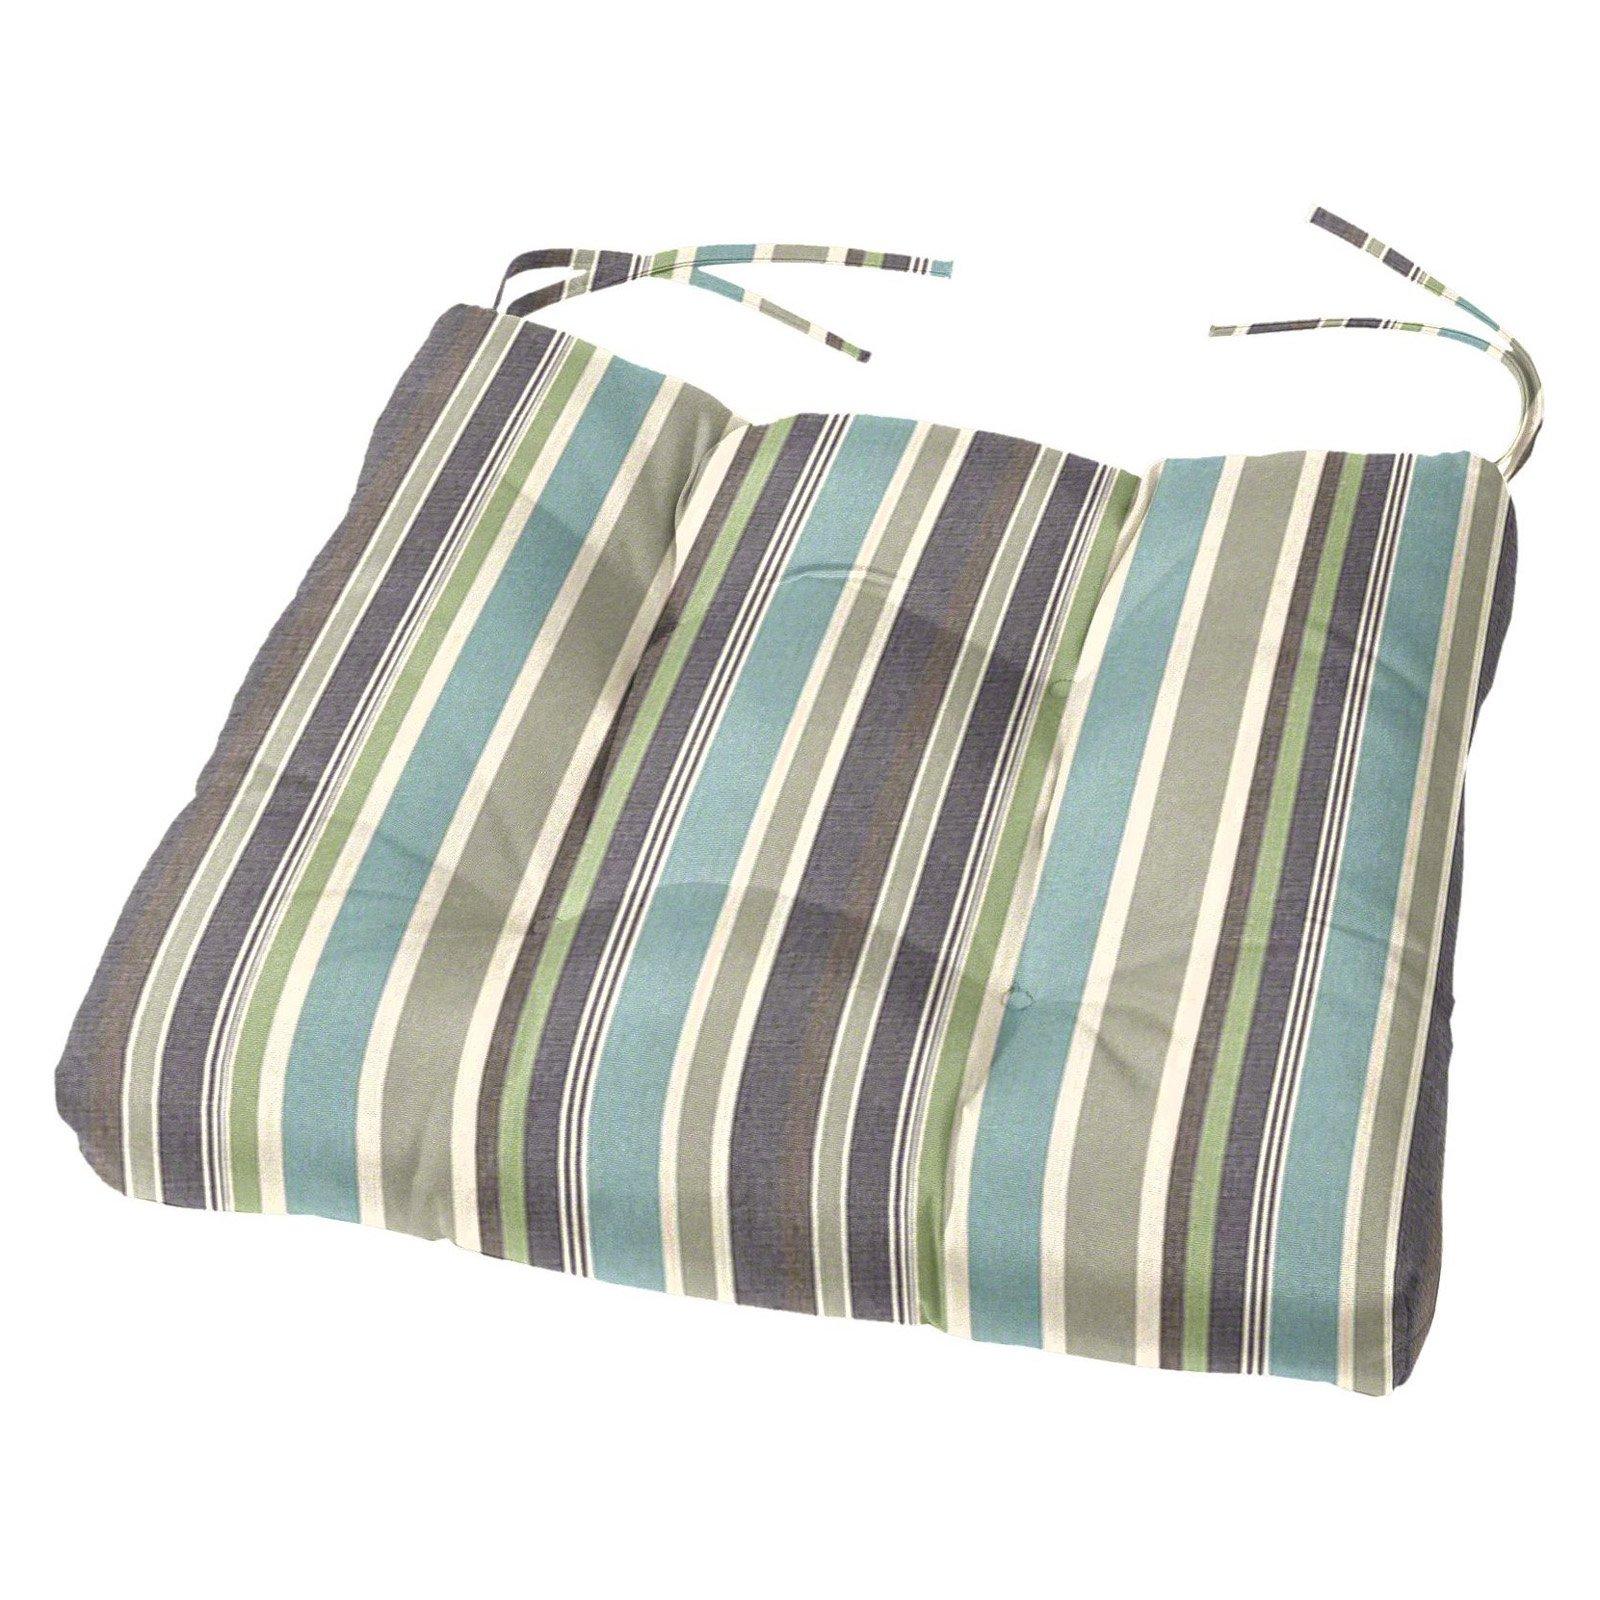 Cushion Source 19 X 18 In Striped Tufted Sunbrella Chair Cushion